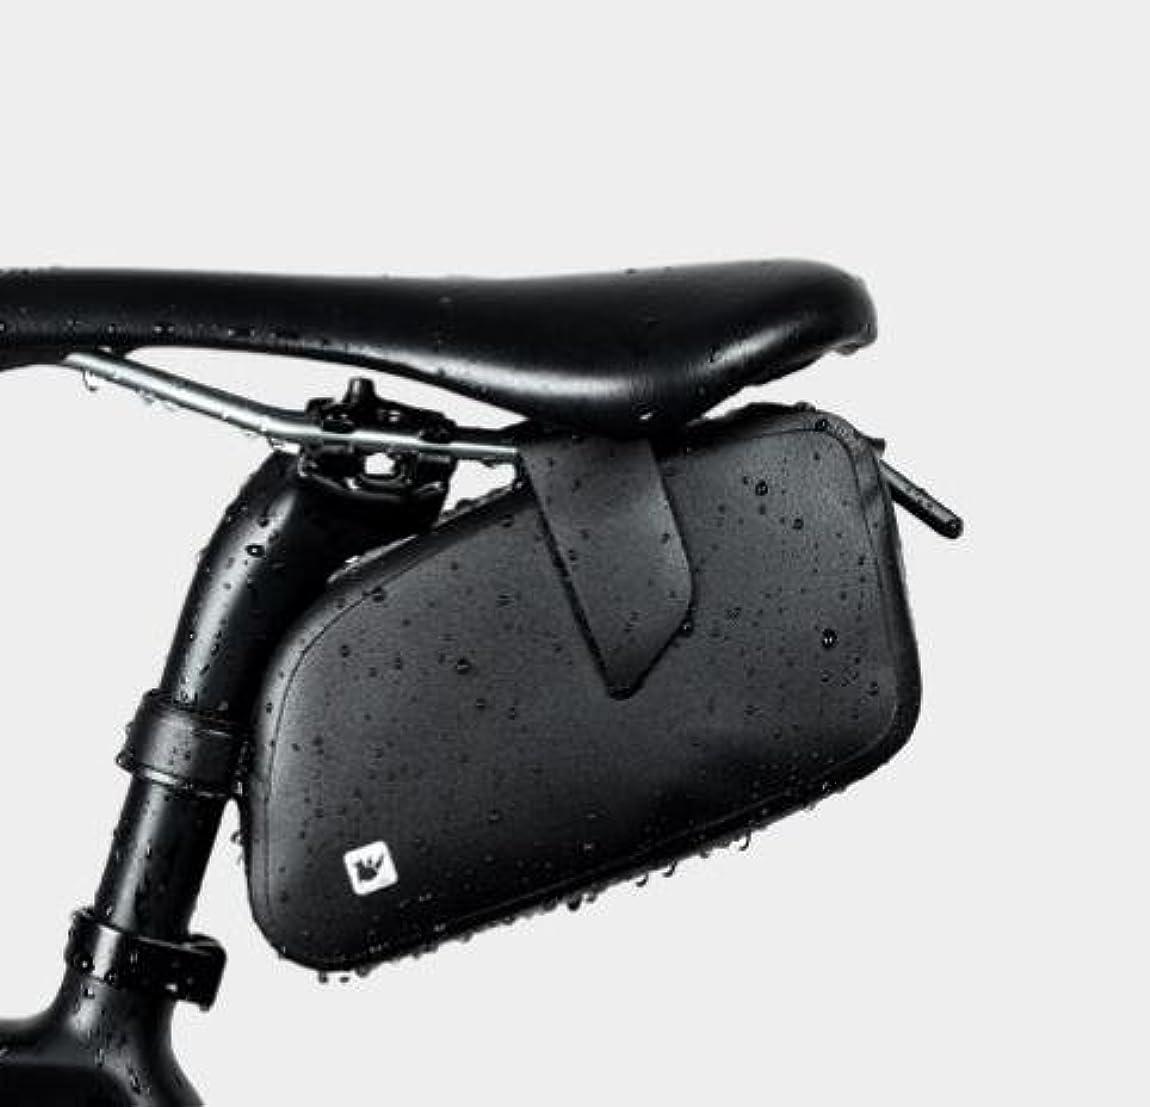 ショップ市民権貨物Rhinowalk 自転車 防水 サドルバッグ シートバッグ 自転車バッグ サイクリングバッグ ストラップ式